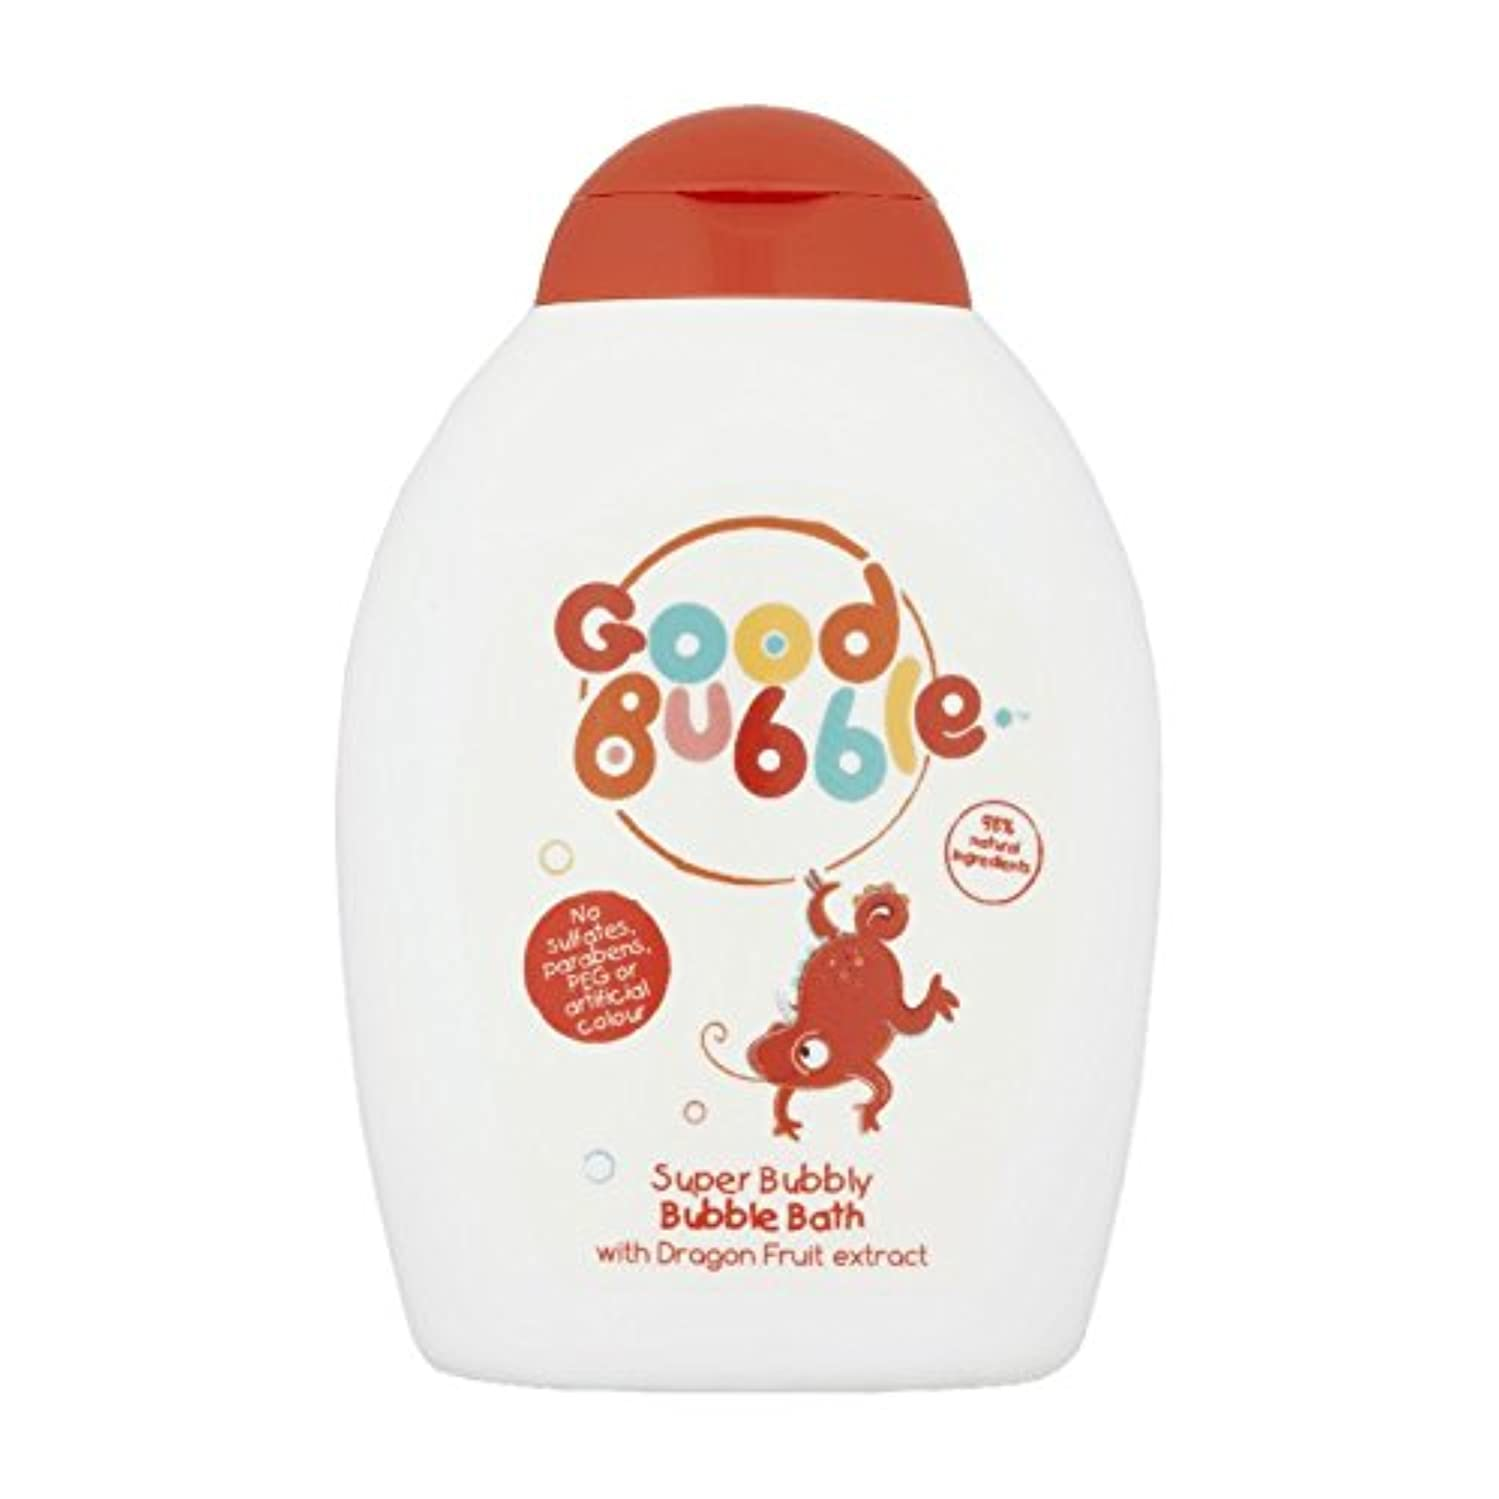 効果的登録する勇敢なGood Bubble Dragon Fruit Bubble Bath 400ml (Pack of 6) - 良いバブルドラゴンフルーツバブルバス400ミリリットル (x6) [並行輸入品]